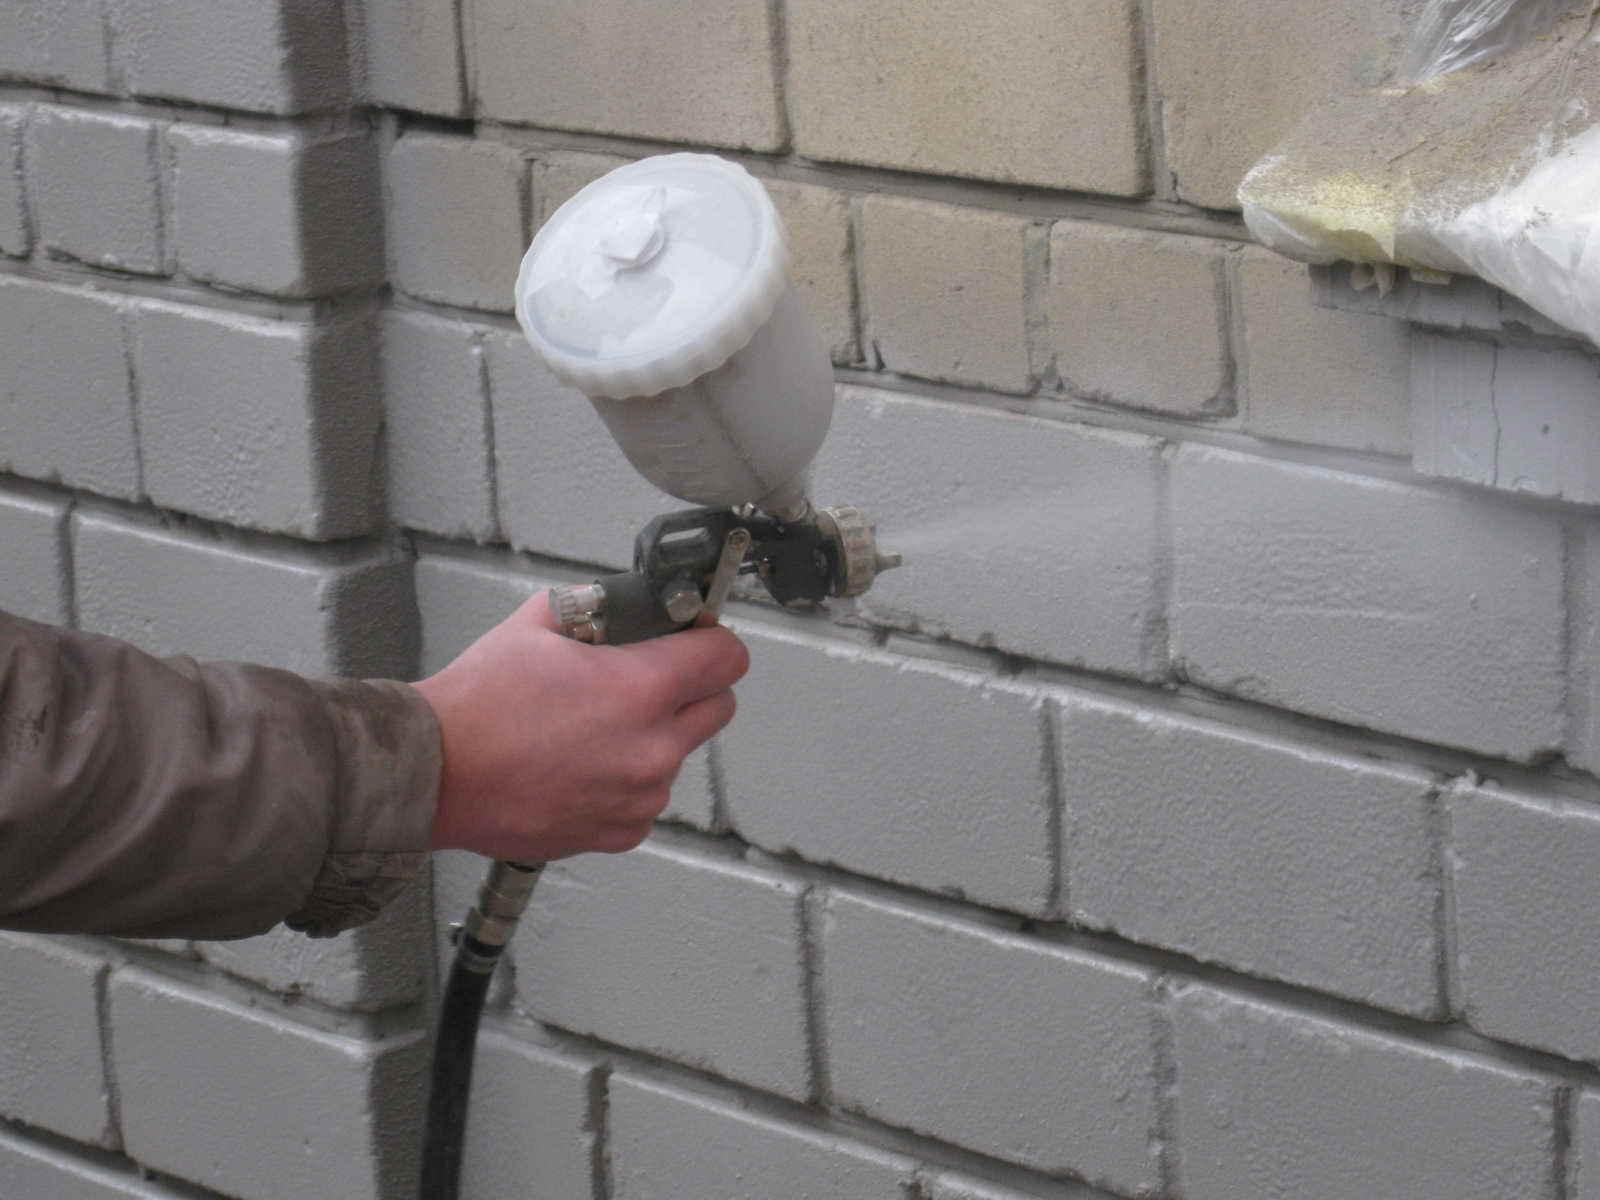 Как построить гараж из шлакоблоков. выбор места под строительство и размеров помещения. обустройство фундамента, стен, крыши и пола